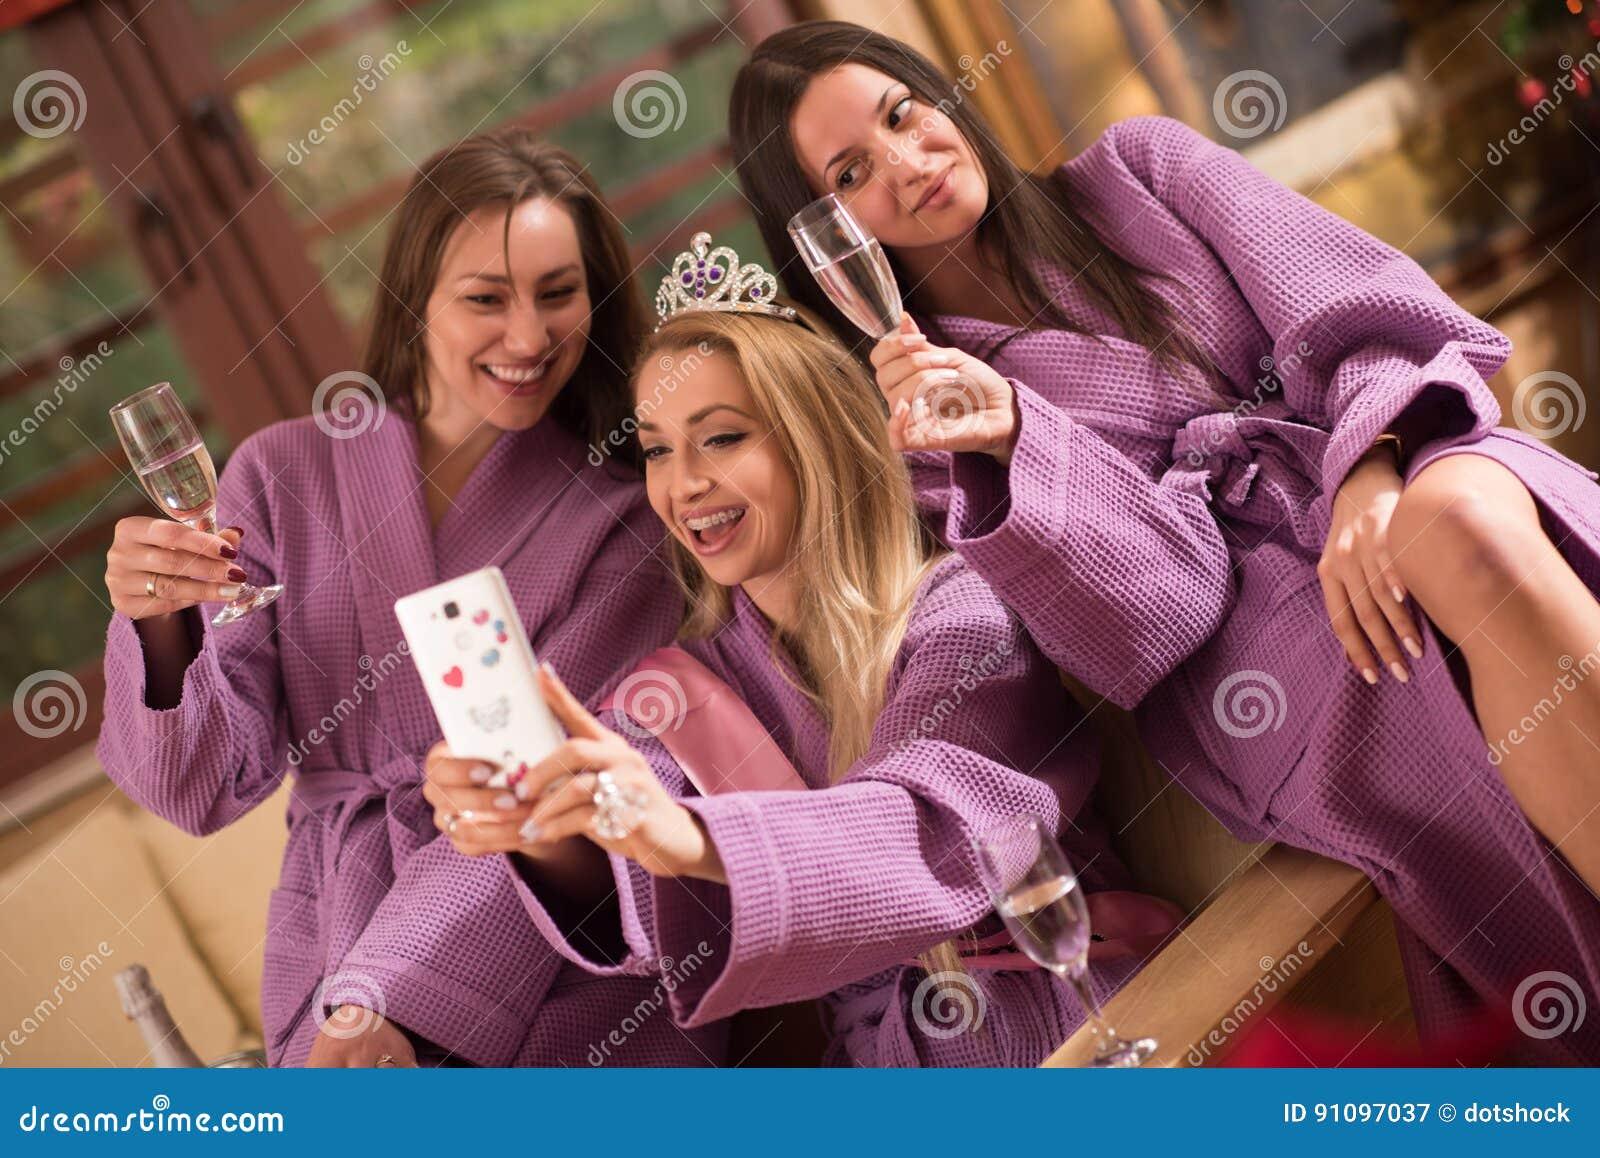 Download Meisjes Die Selfy Op Vrijgezellinpartij Doen Stock Afbeelding    Afbeelding Bestaande Uit Celebrating, Meisje